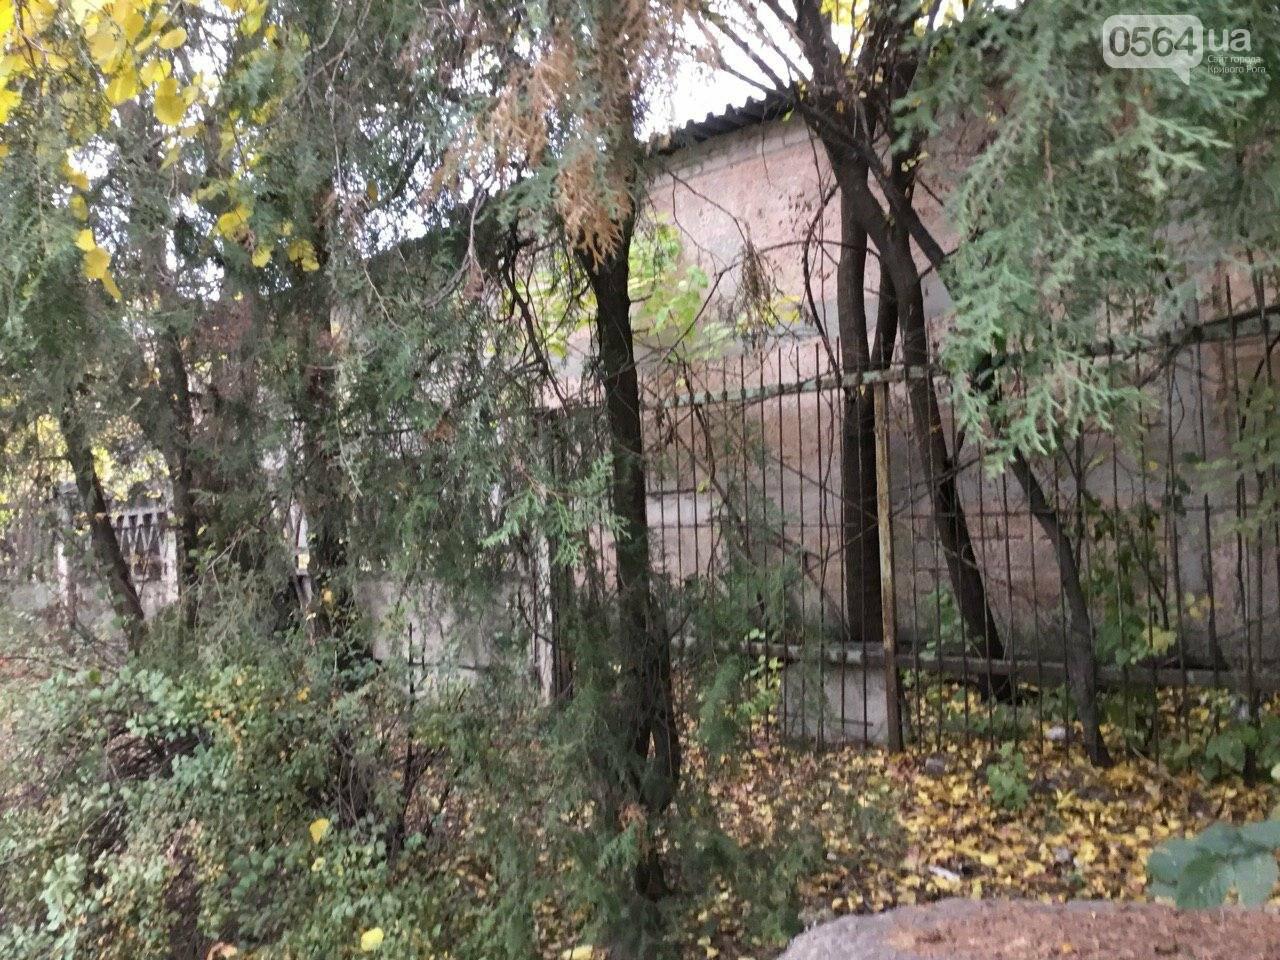 Депутат: в центре Кривого Рога 15 лет незаконно используют участок земли, - ФОТО, ВИДЕО, фото-33